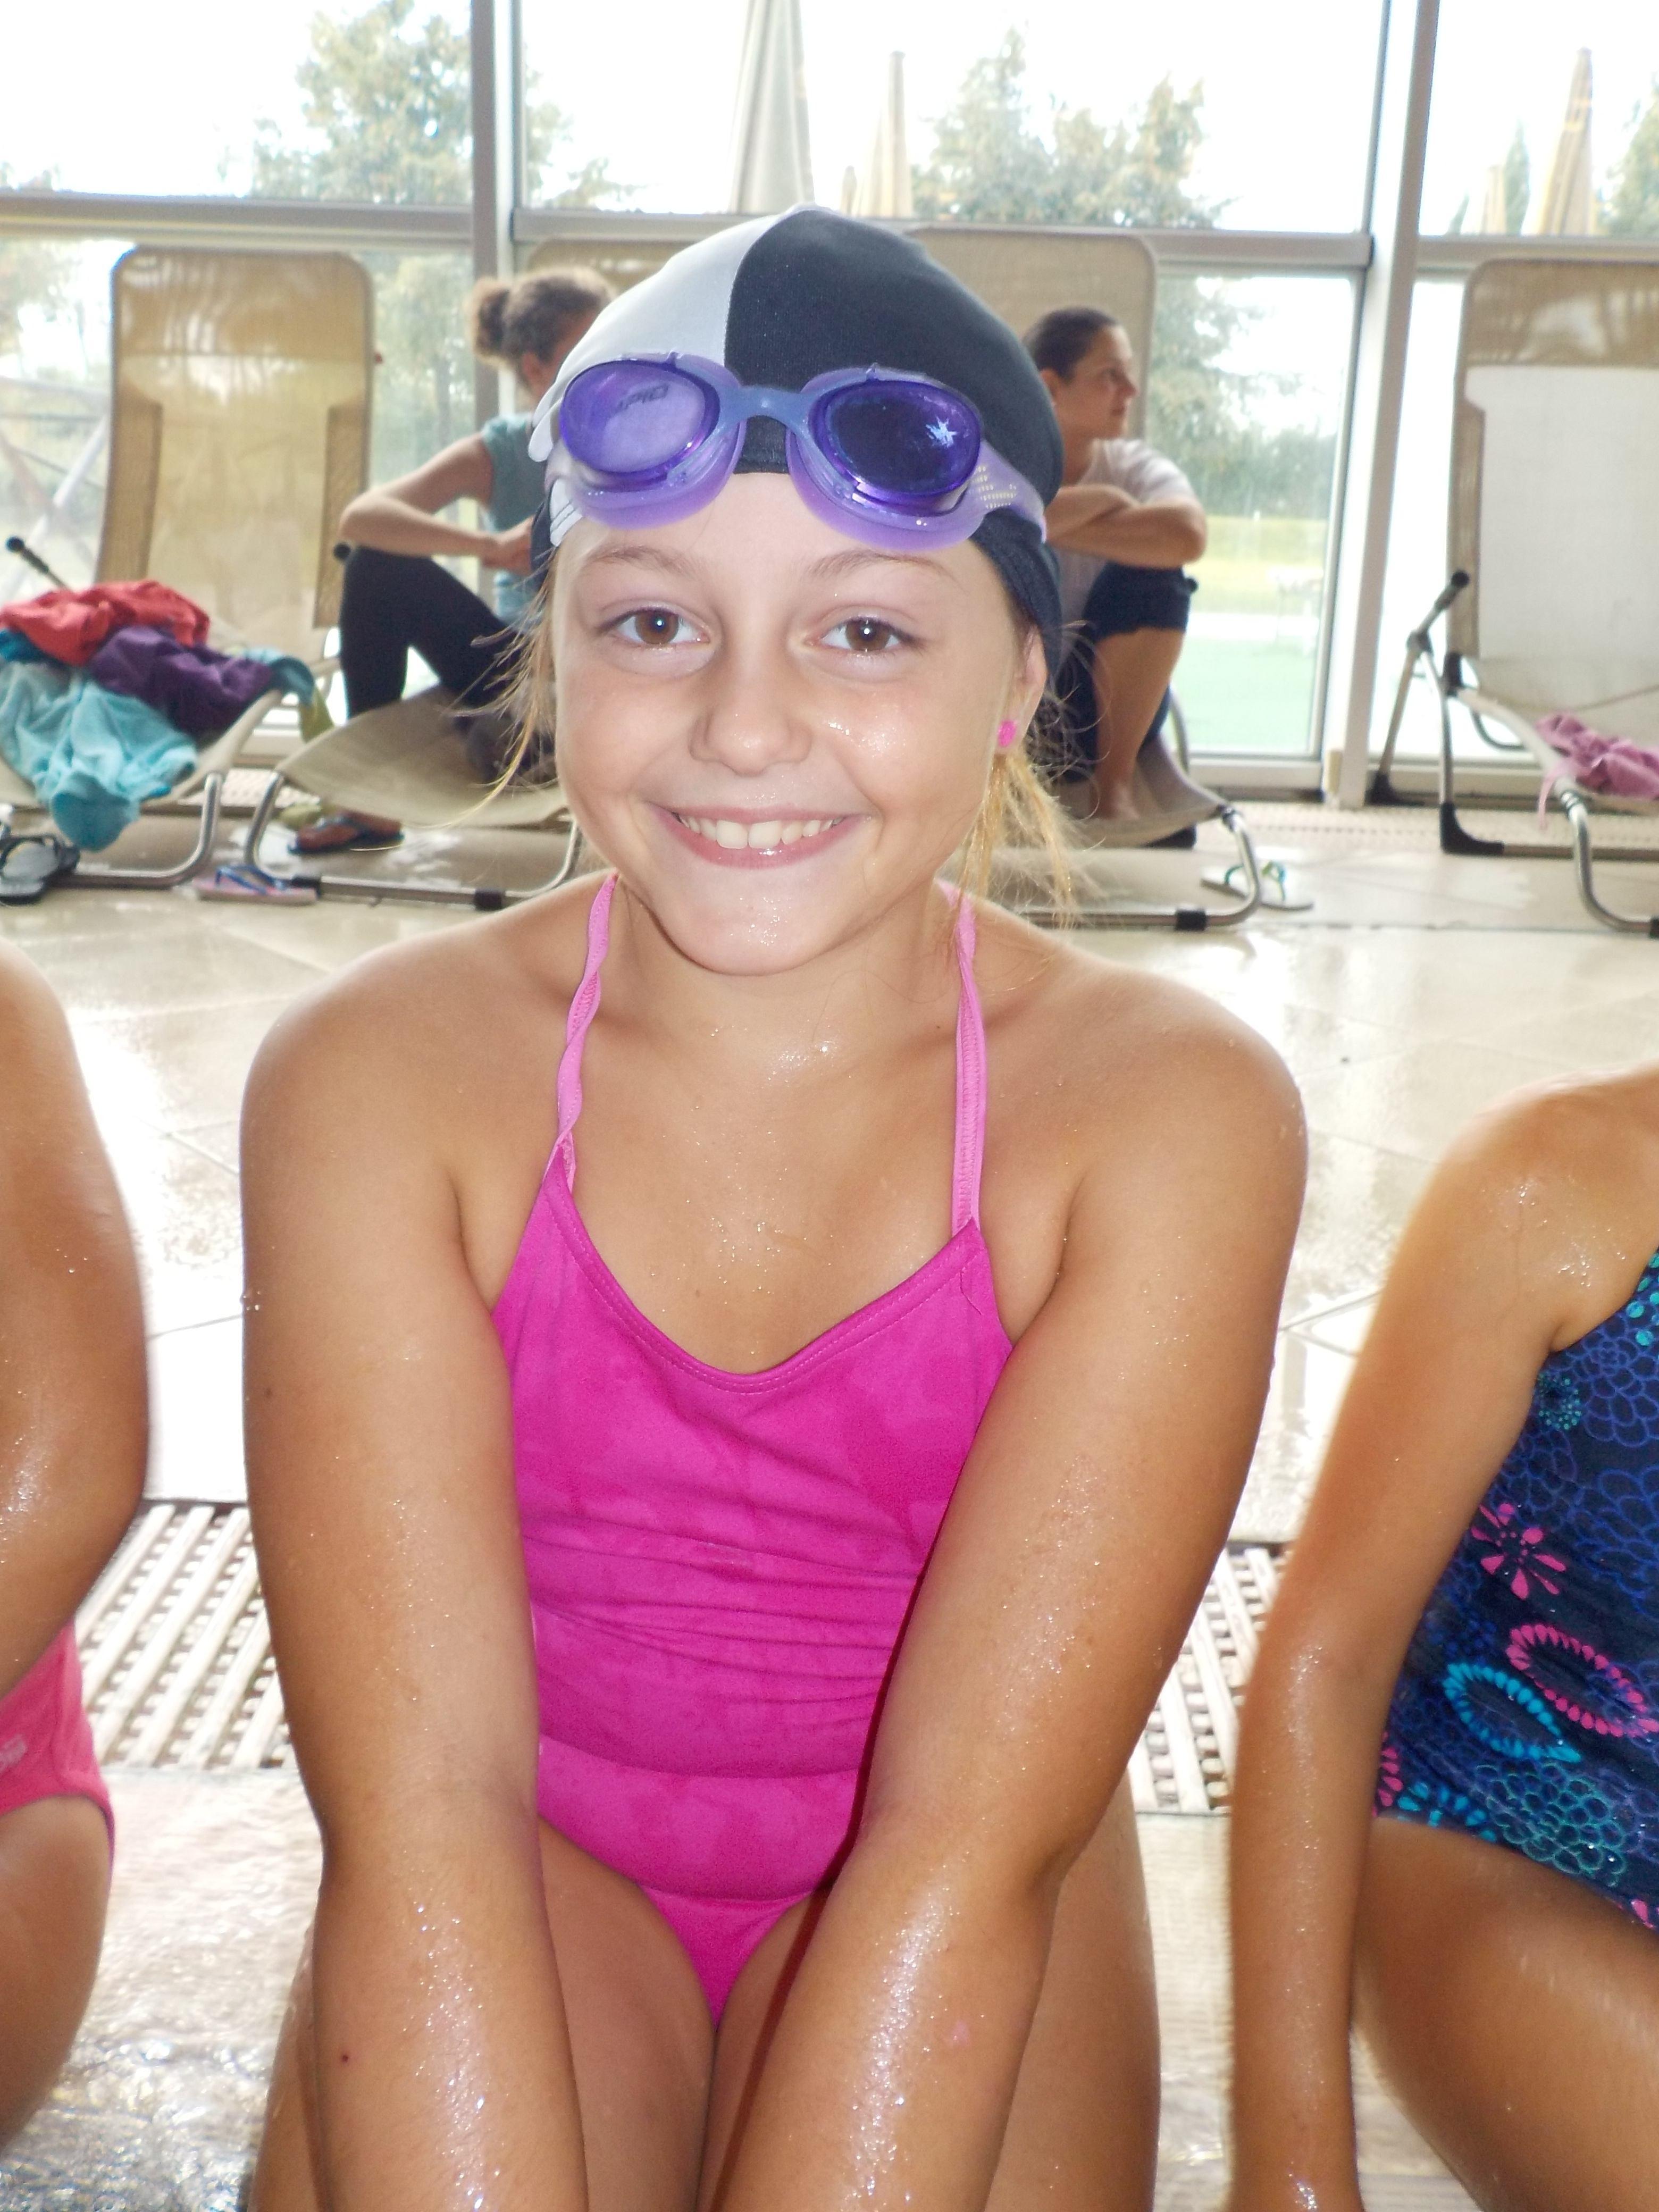 Compleanno per bambini all 39 hidron firenze una pacchia - Bambini in piscina a 3 anni ...